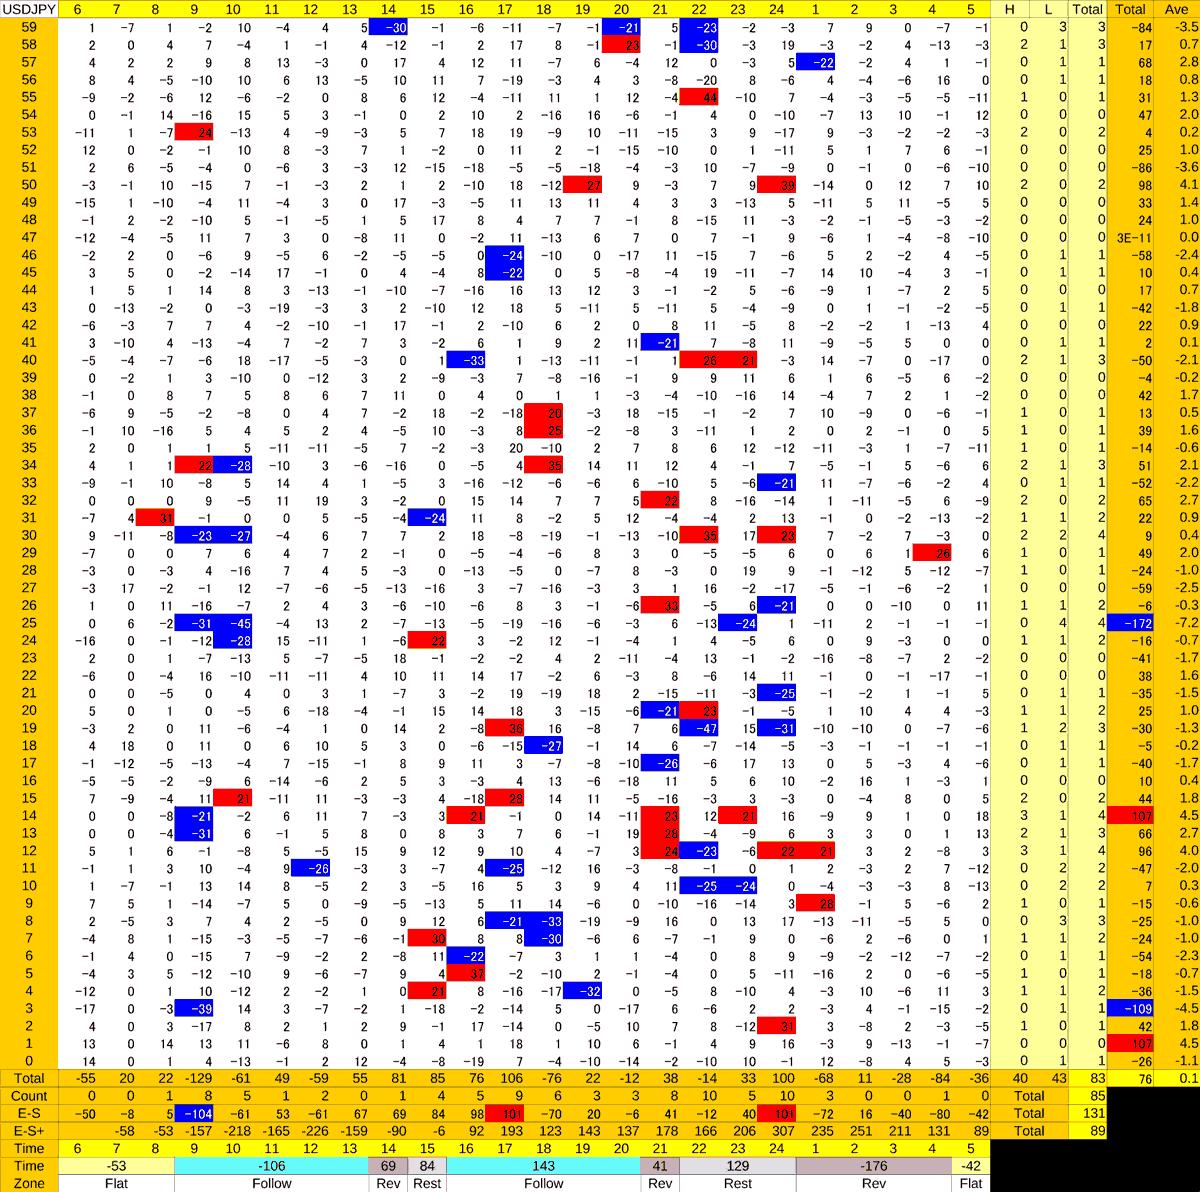 20201111_HS(1)USDJPY